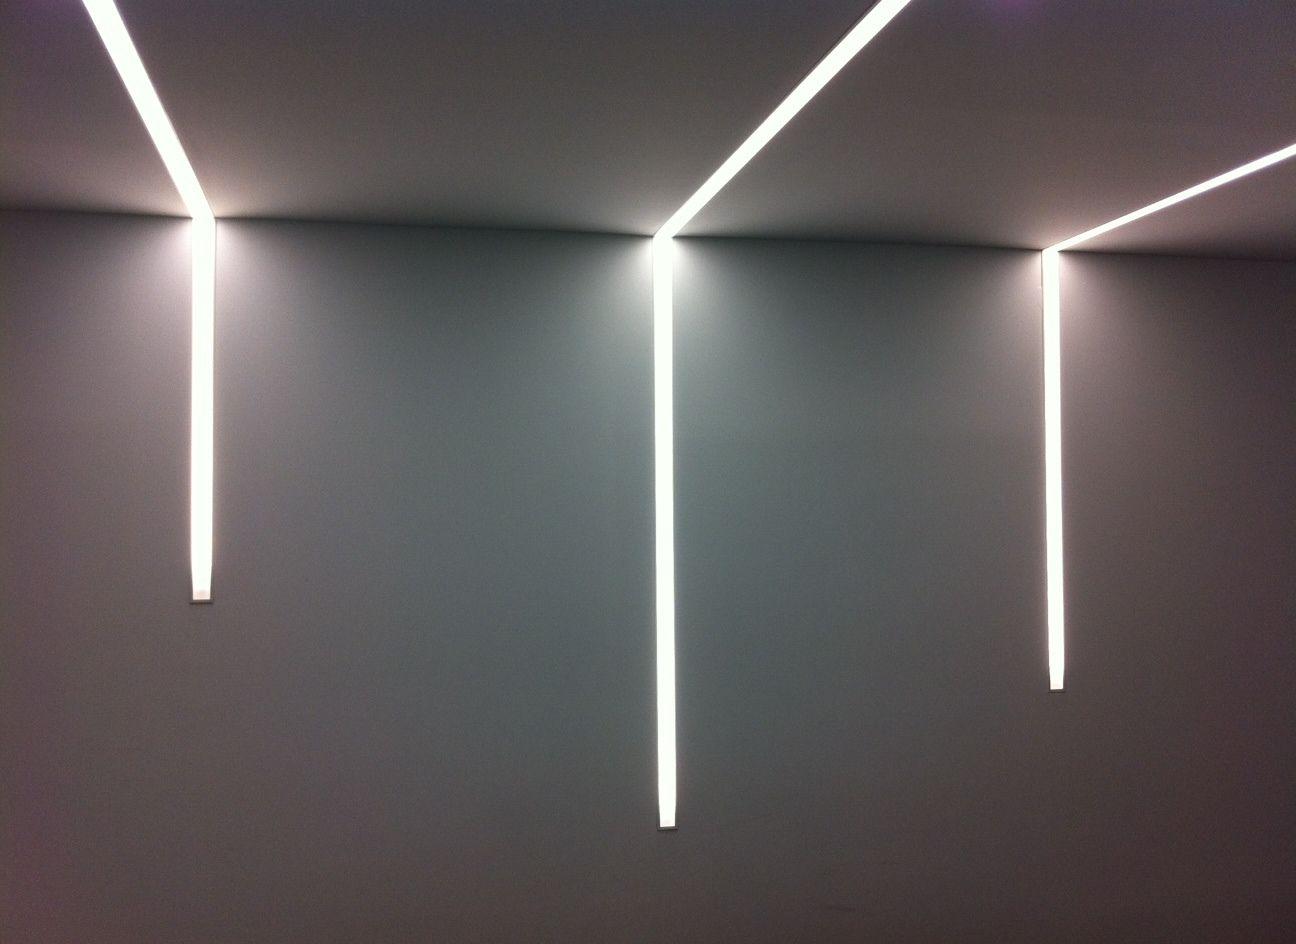 Avanluce iluminaci n eficiente iluminacion pinterest for Iluminacion exterior lamparas